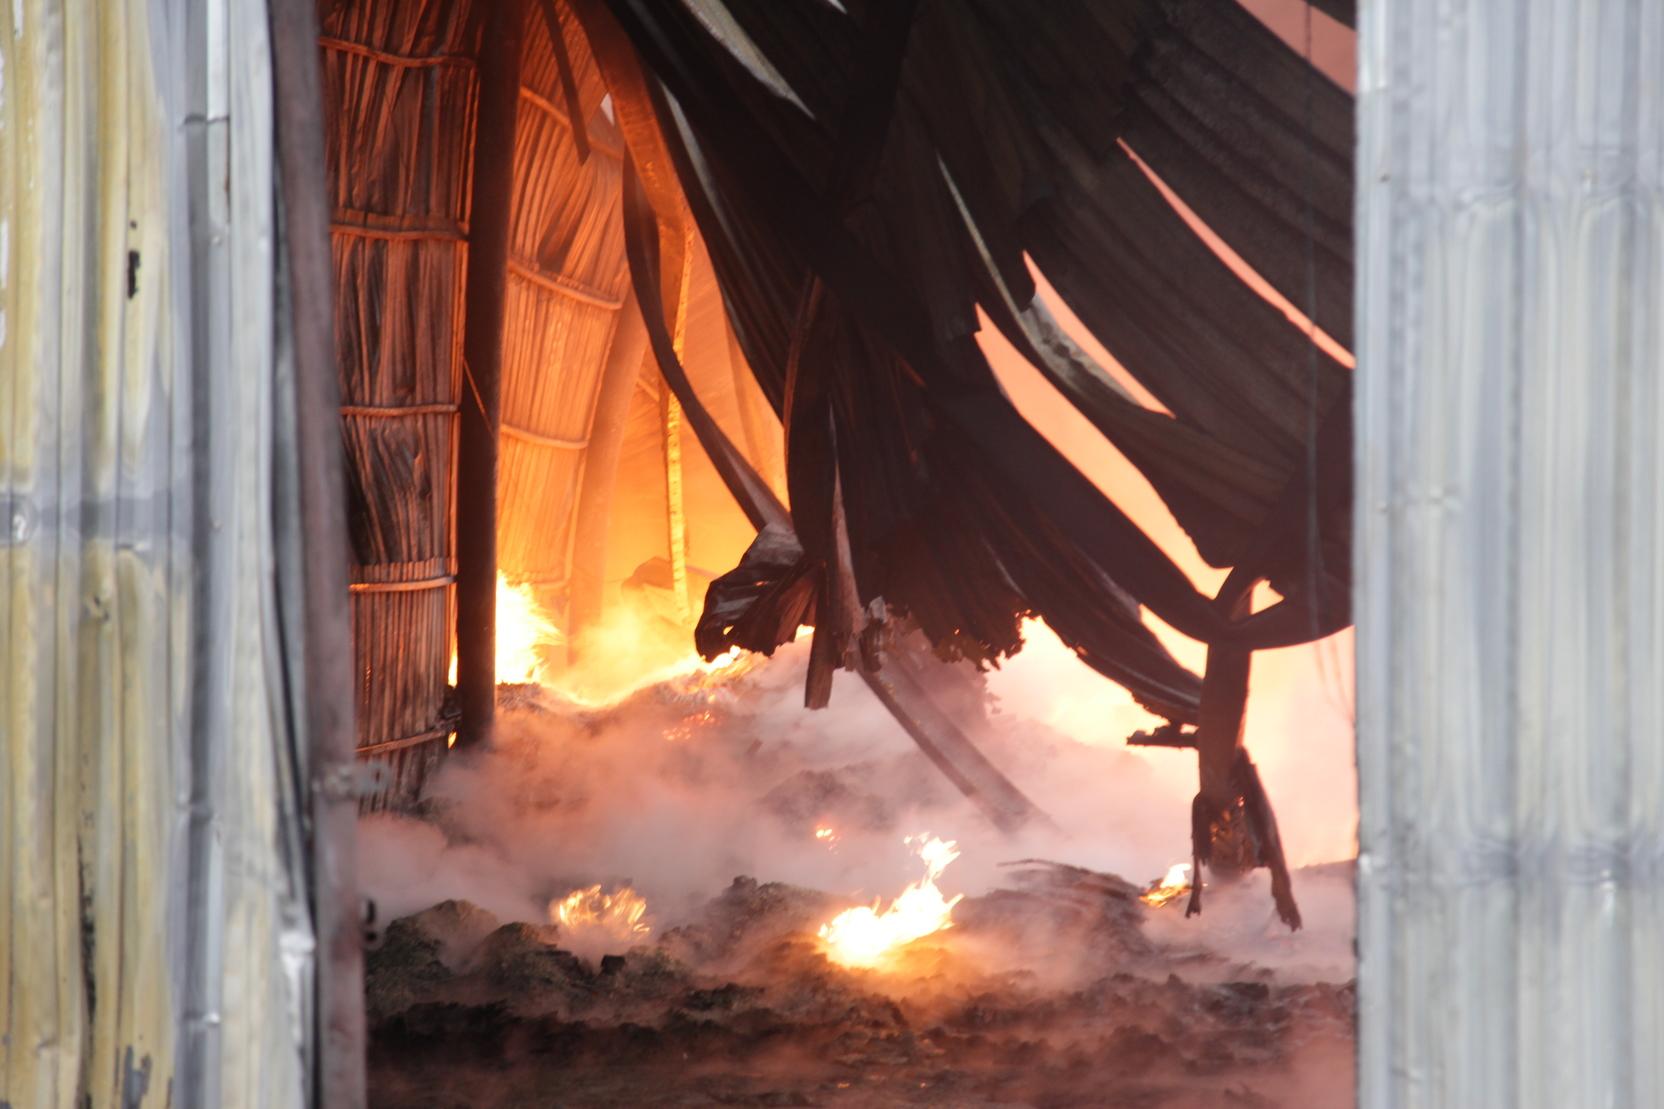 При пожаре в одном из домов Москвы погибли два человека